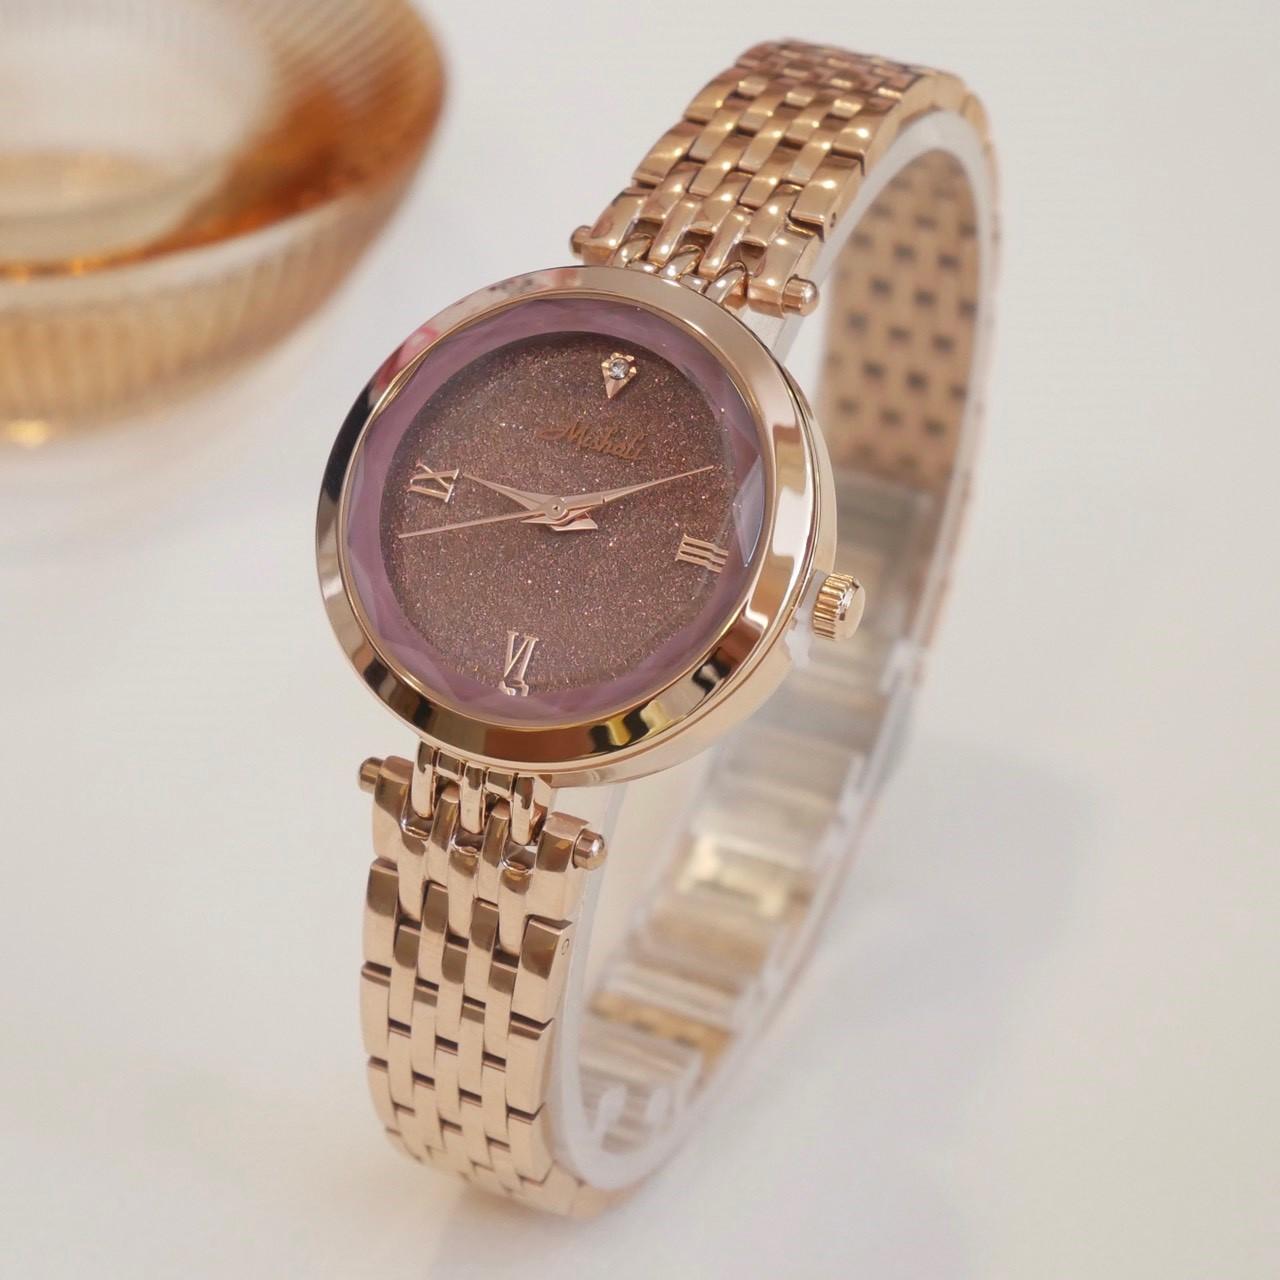 นาฬิกาข้อมือผู้หญิง MISHALI M18028 B